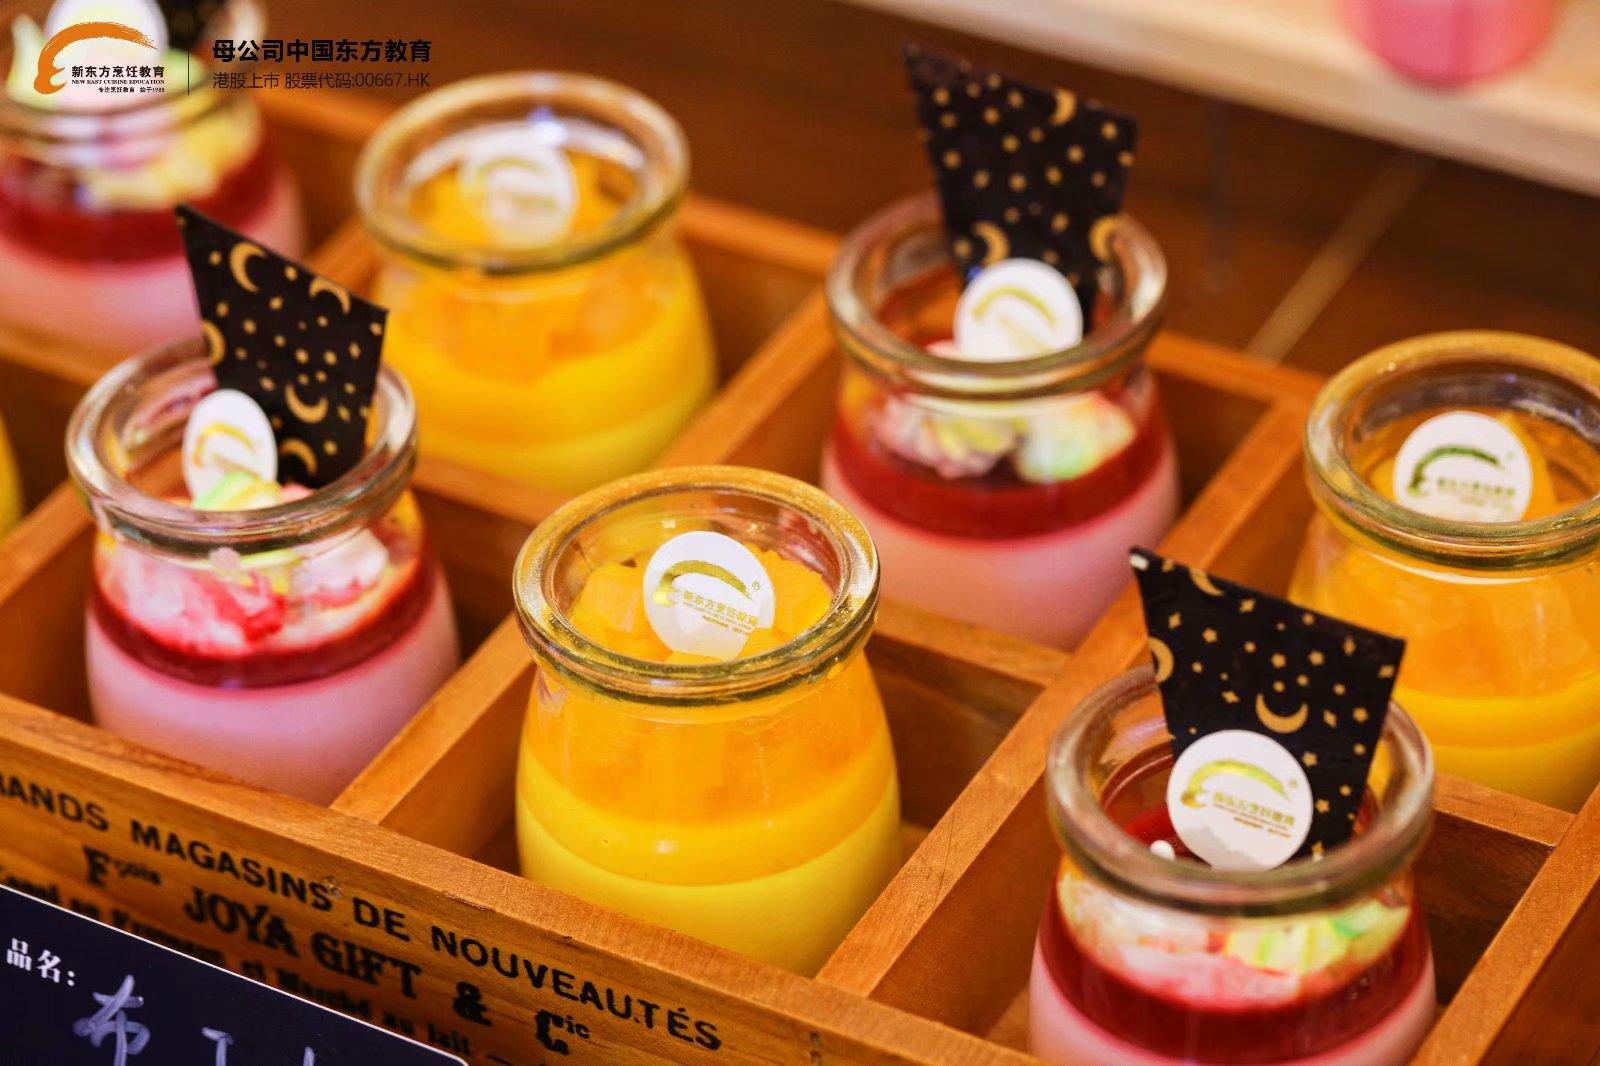 甜品行业的市场现状与未来发展前景